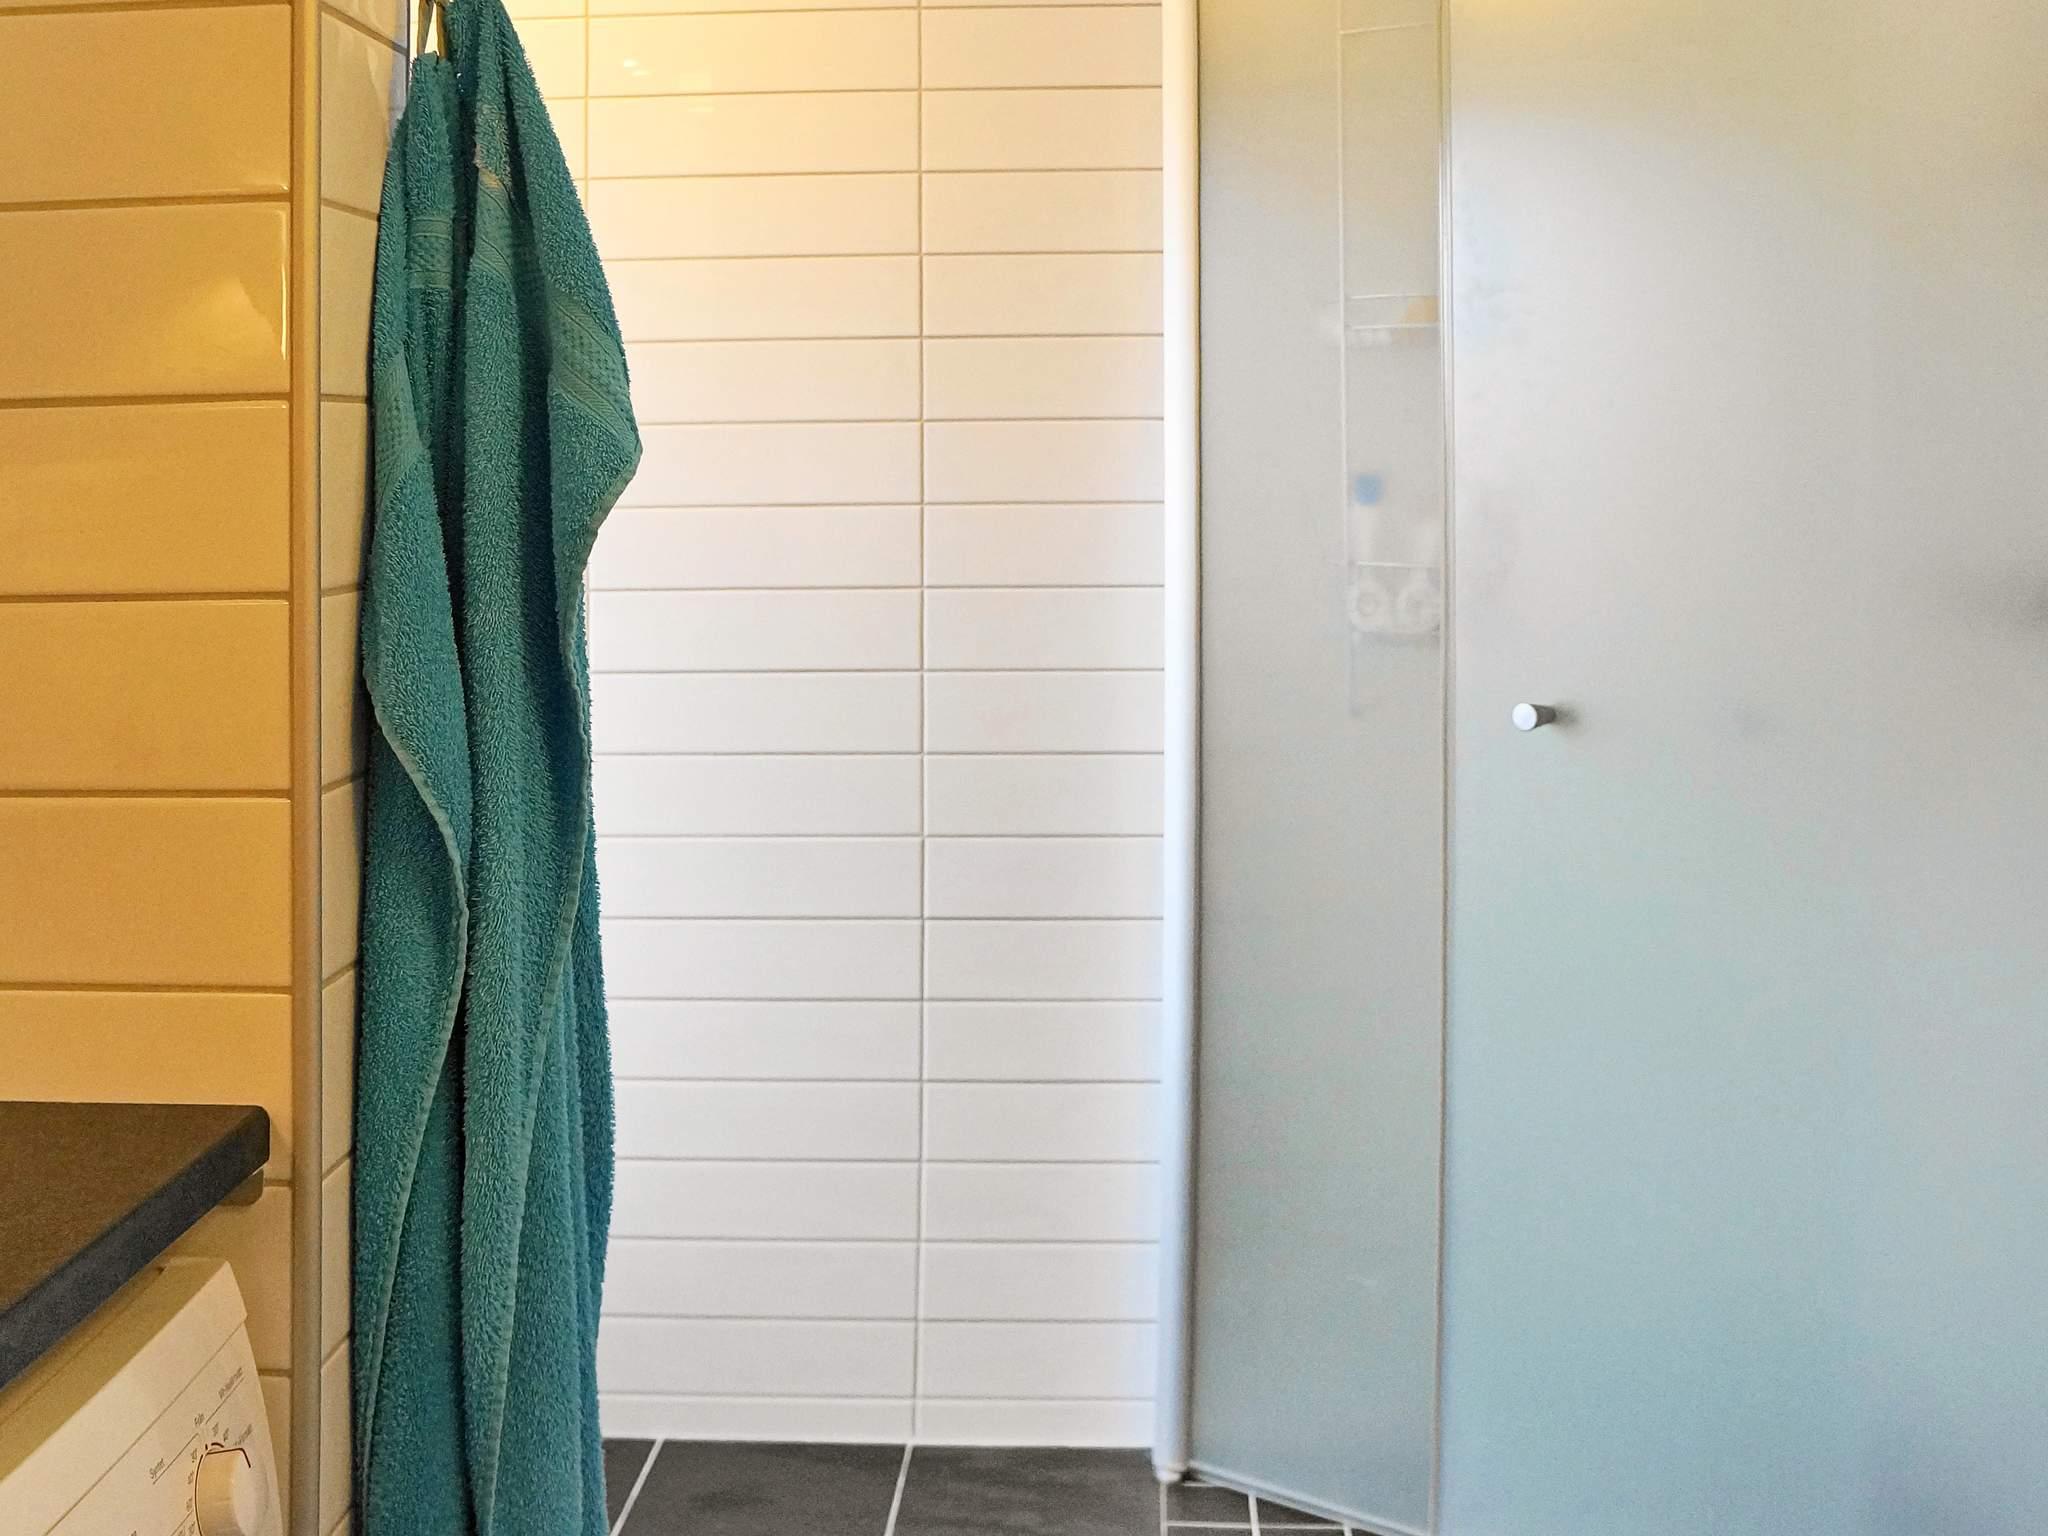 Ferienhaus Tjörn/Skärhamn (835087), Skärhamn, Tjörn, Westschweden, Schweden, Bild 10